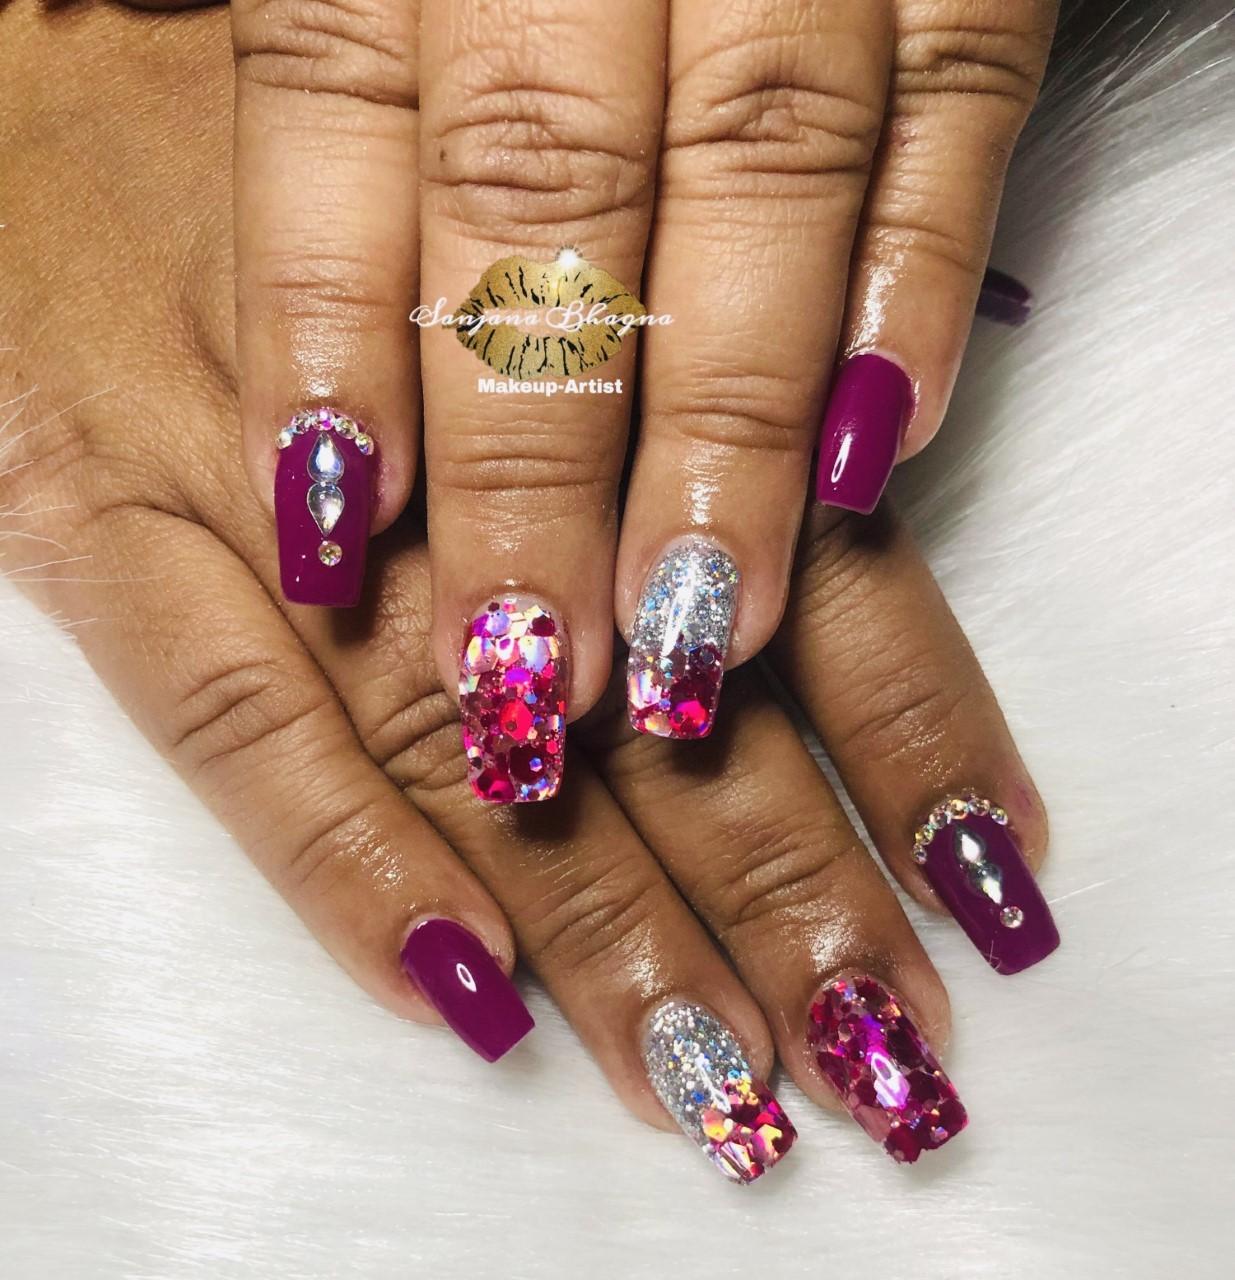 Gel Polish   My nails, Gel polish, Acrylic nails